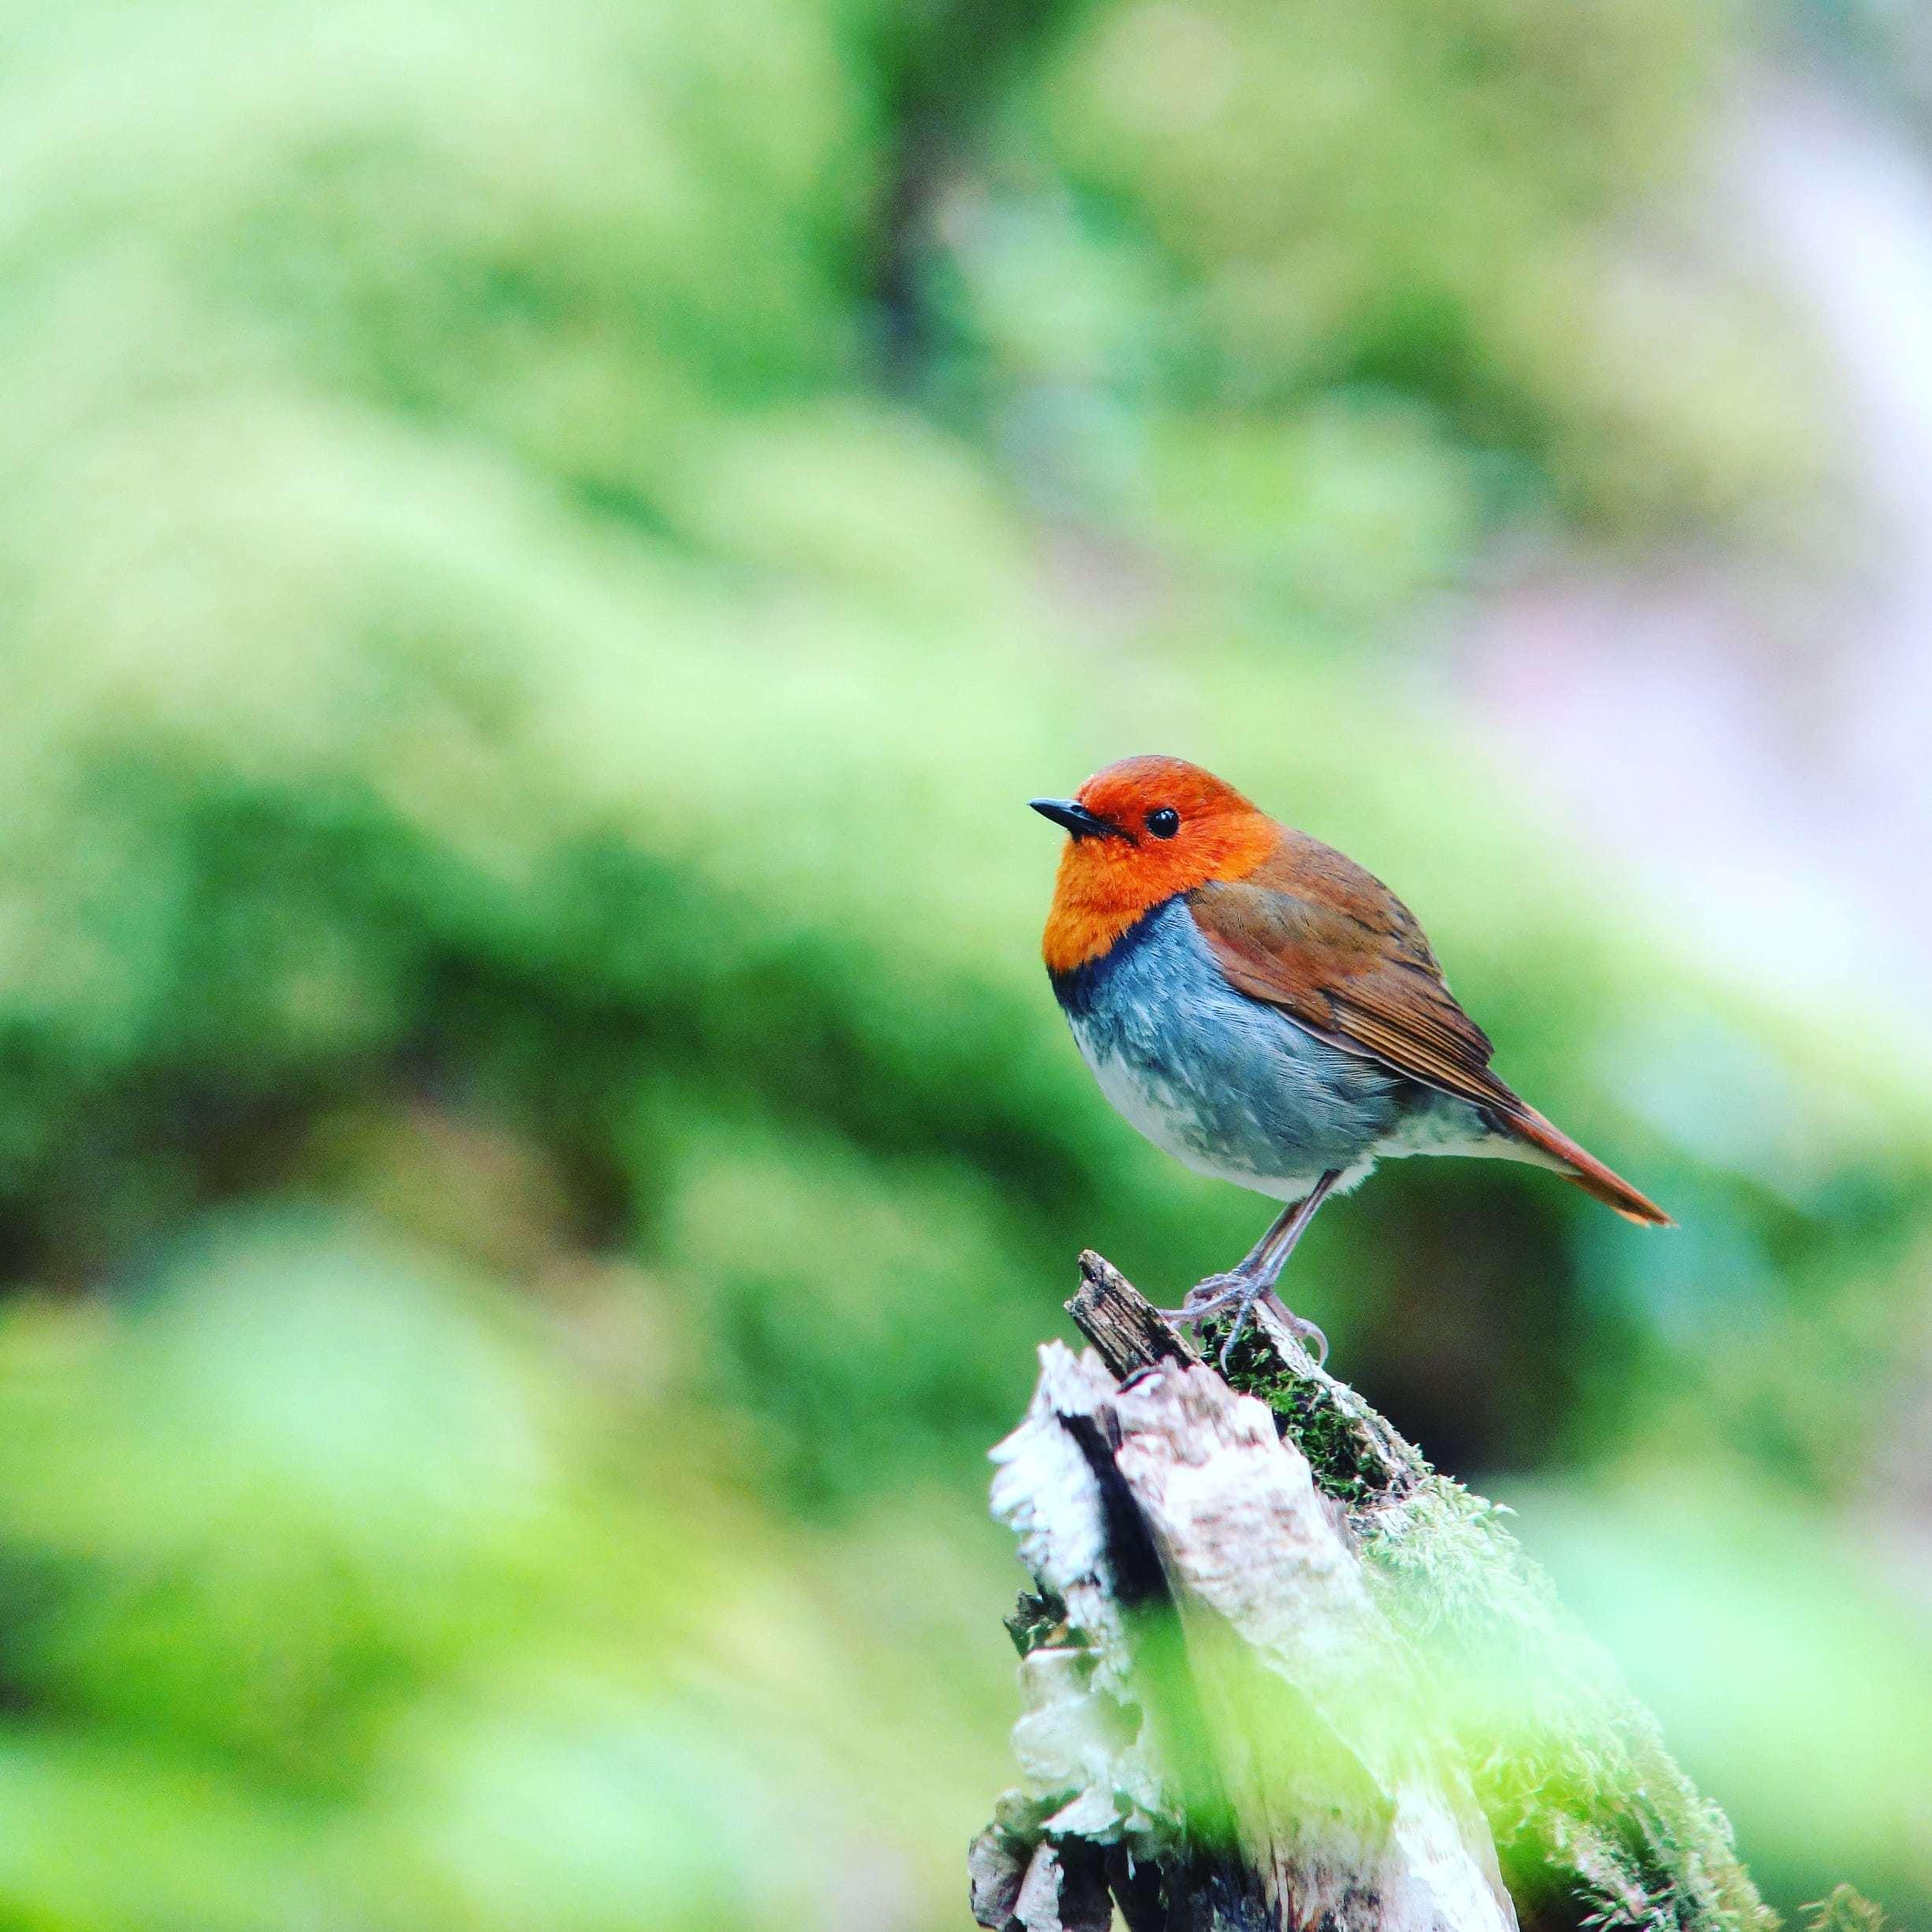 今年も赤の季節到来_a0143780_13283505.jpg